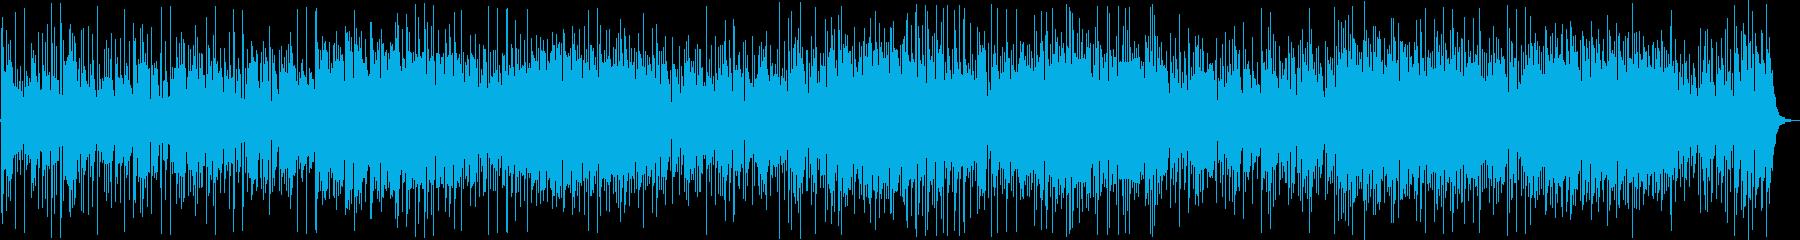 明るい印象のギター・シンセなどのサウンドの再生済みの波形